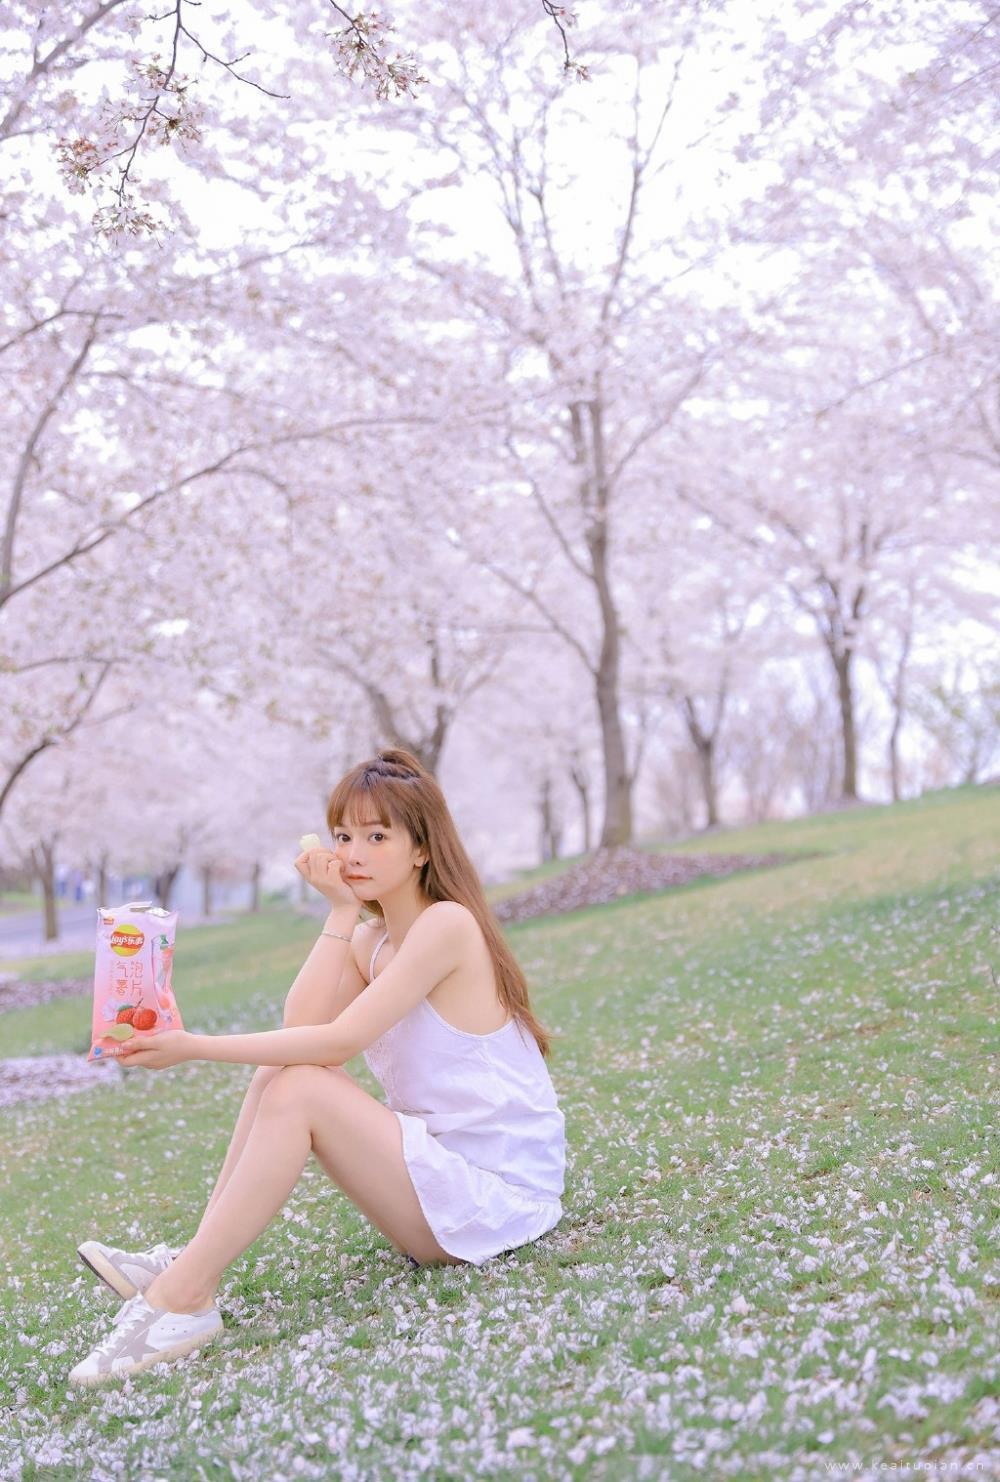 甜美清纯美女吊带薄纱撩人街拍写真图片